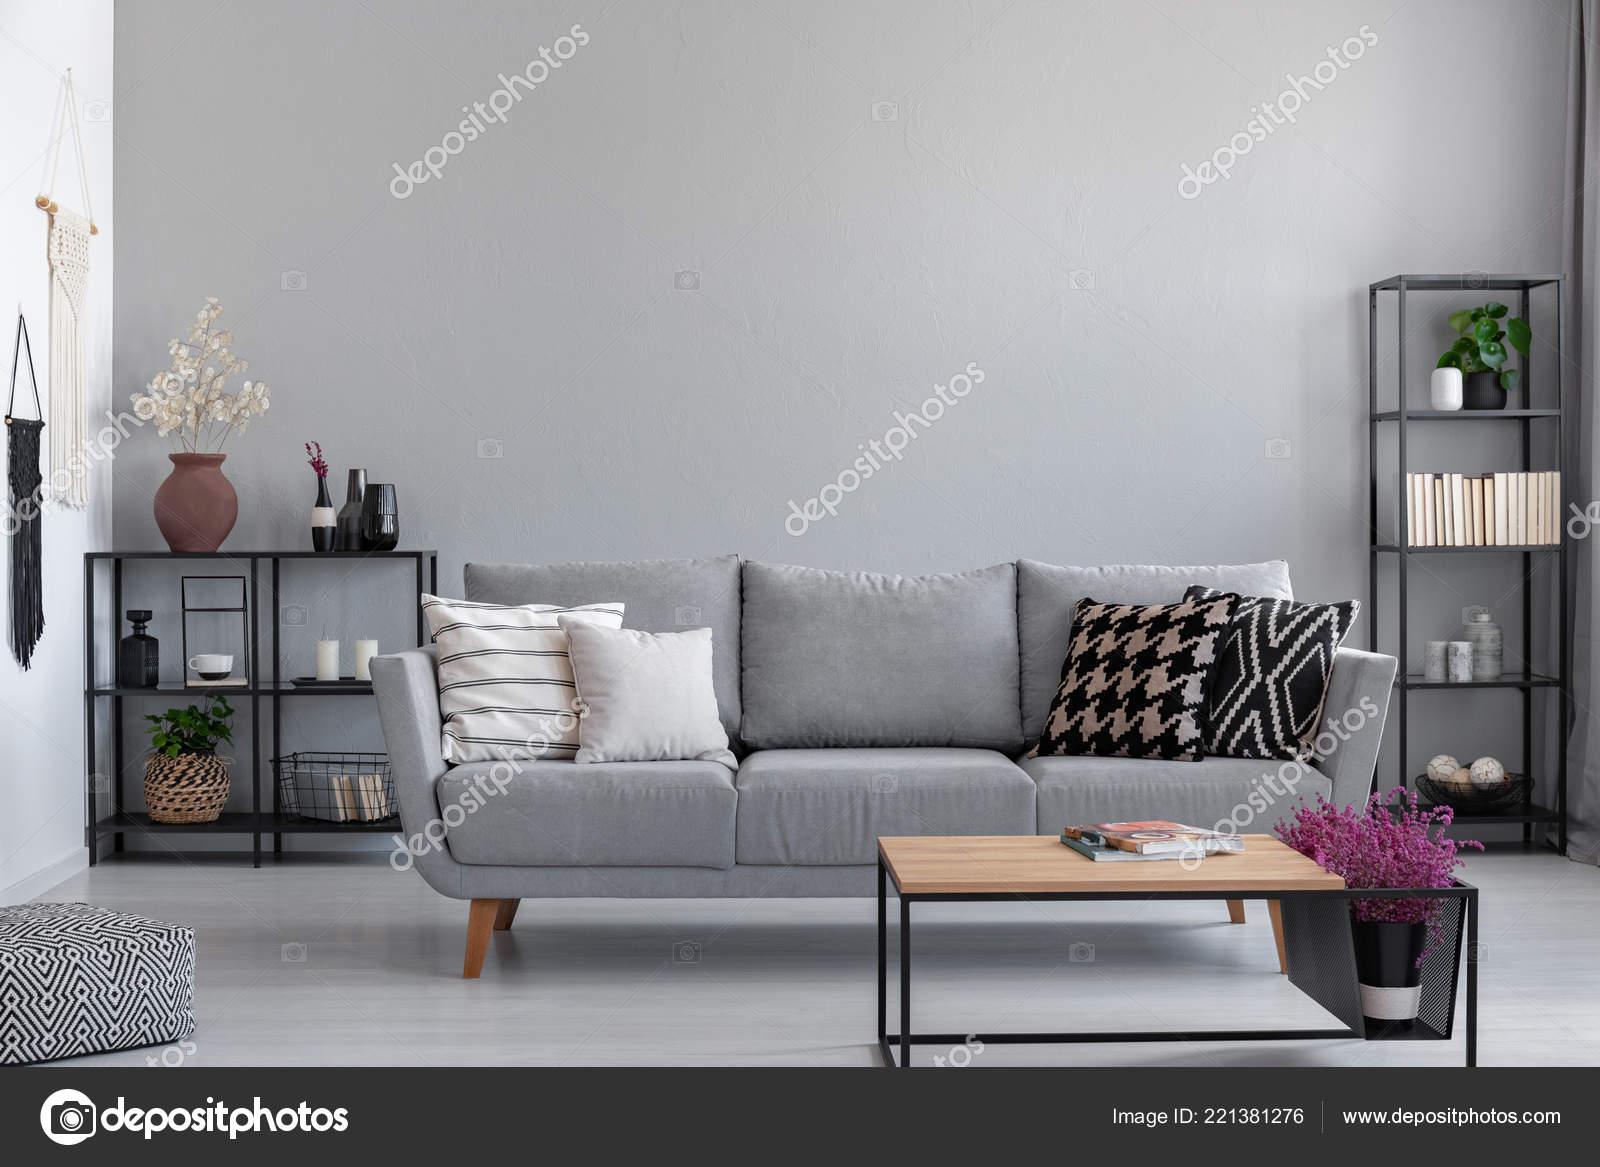 Parete Dietro Divano Grigio : Ripiani metallo neri con libri candele piante dietro divano grigio